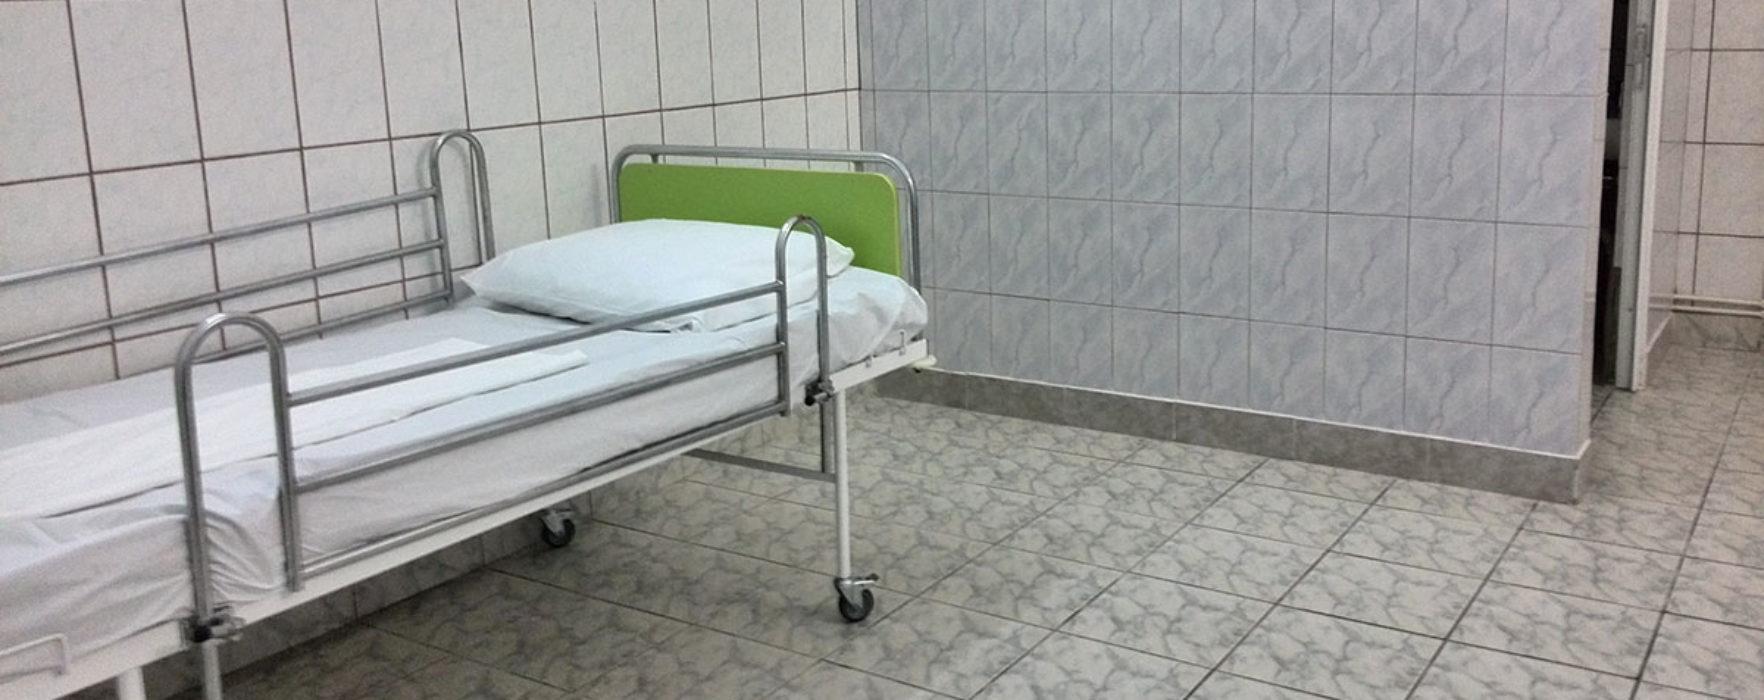 Primăria Târgovişte vrea să construiască un spital oncologic